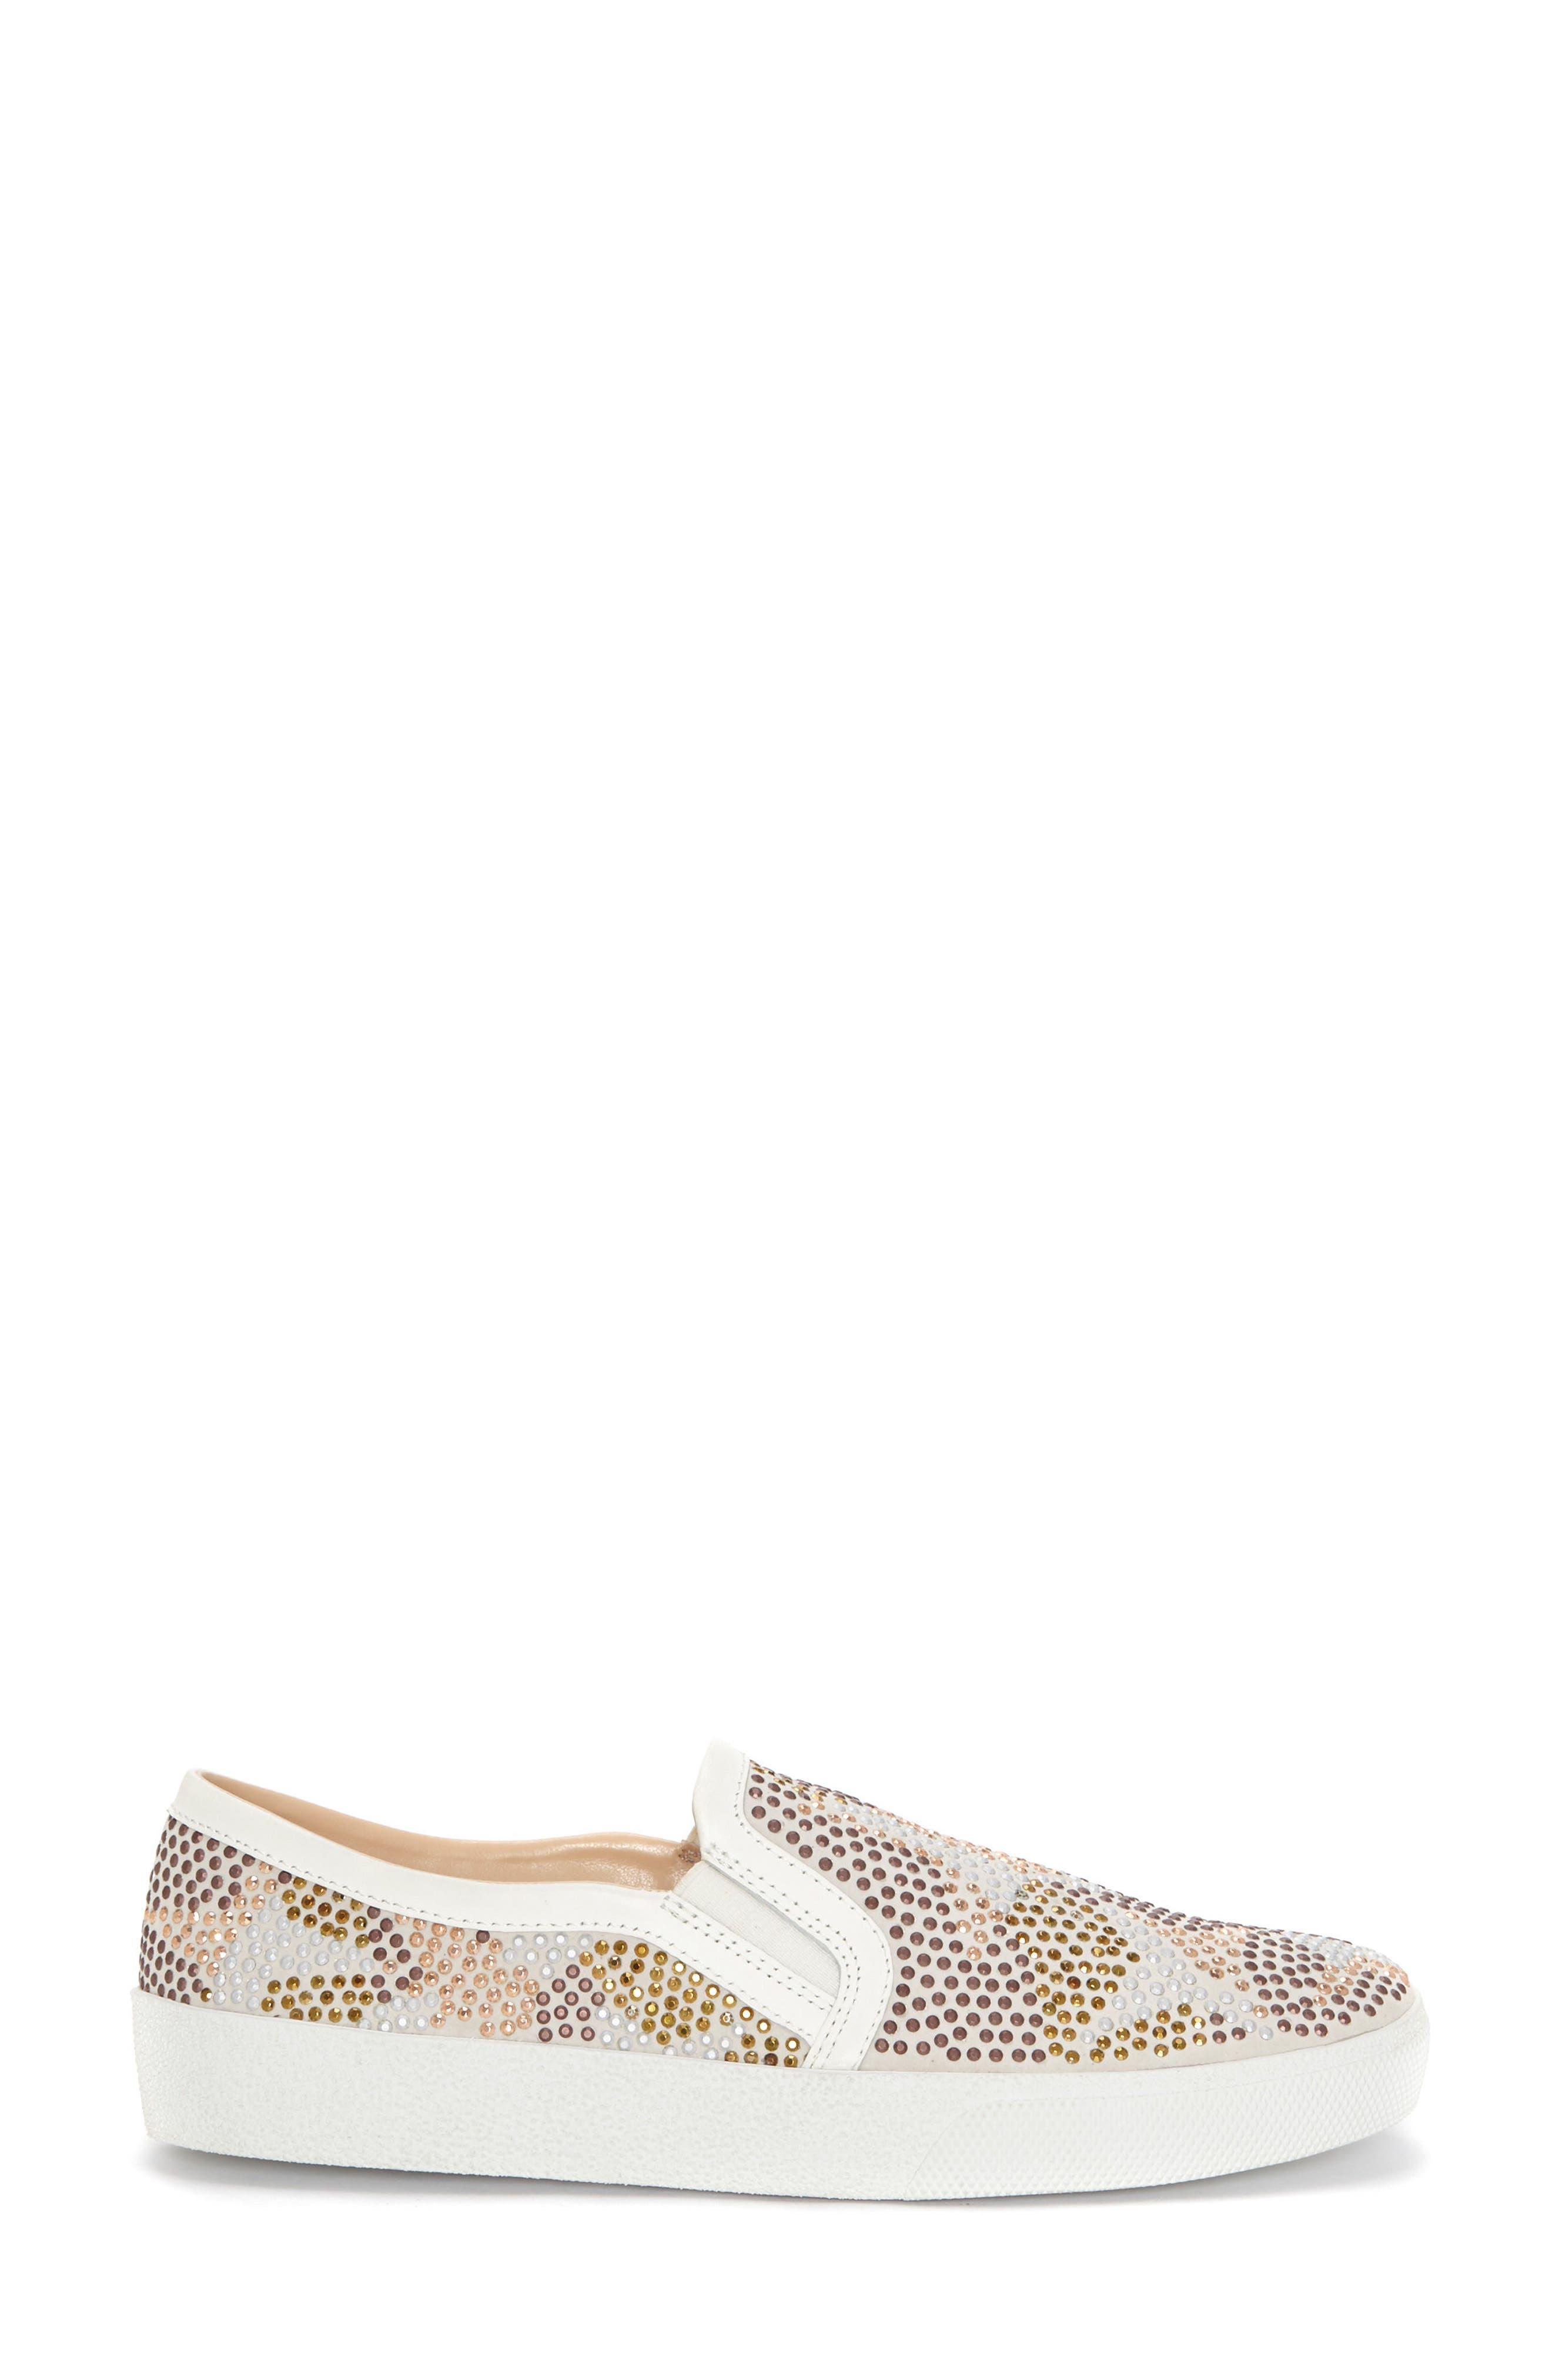 Canita Slip-On Sneaker,                             Alternate thumbnail 9, color,